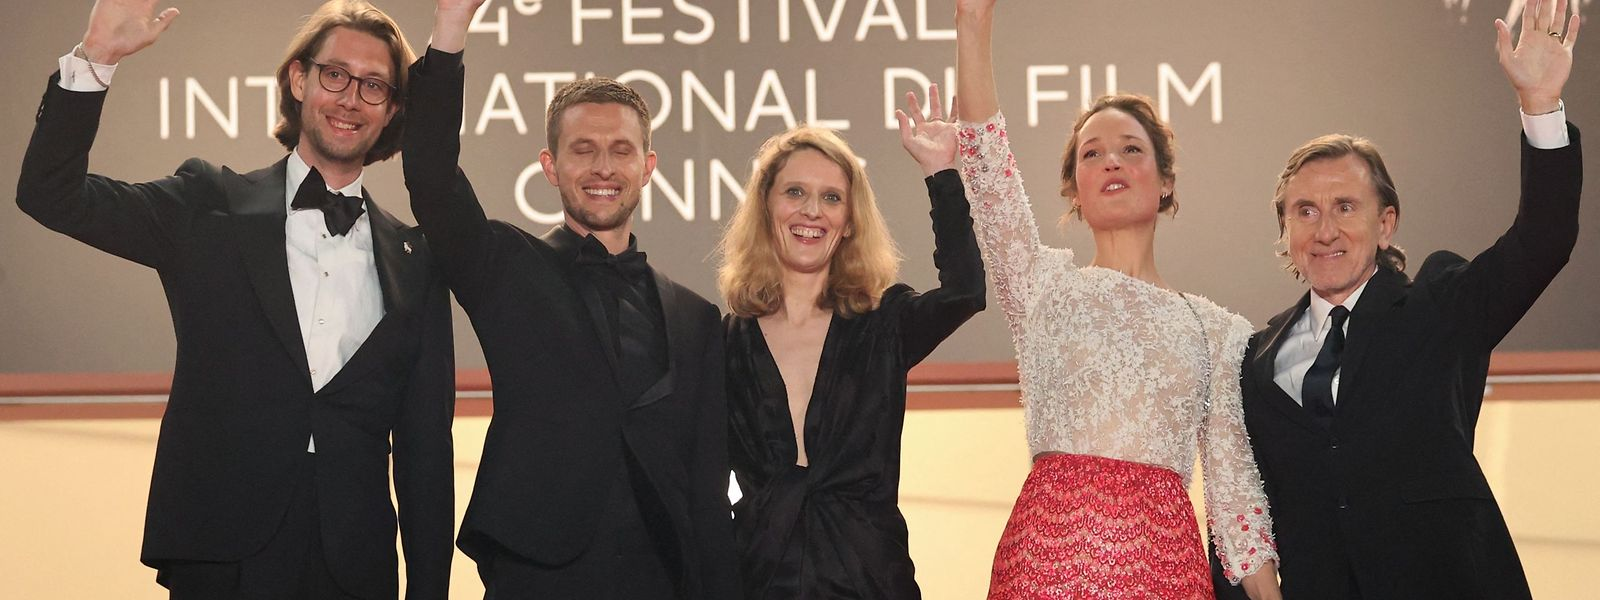 L'actrice luxembourgeoise est également à l'affiche d'un second film, «Hold me tight» («Serre-moi fort»), du réalisateur français Mathieu Amalric, projeté dans la section «Cannes Première».